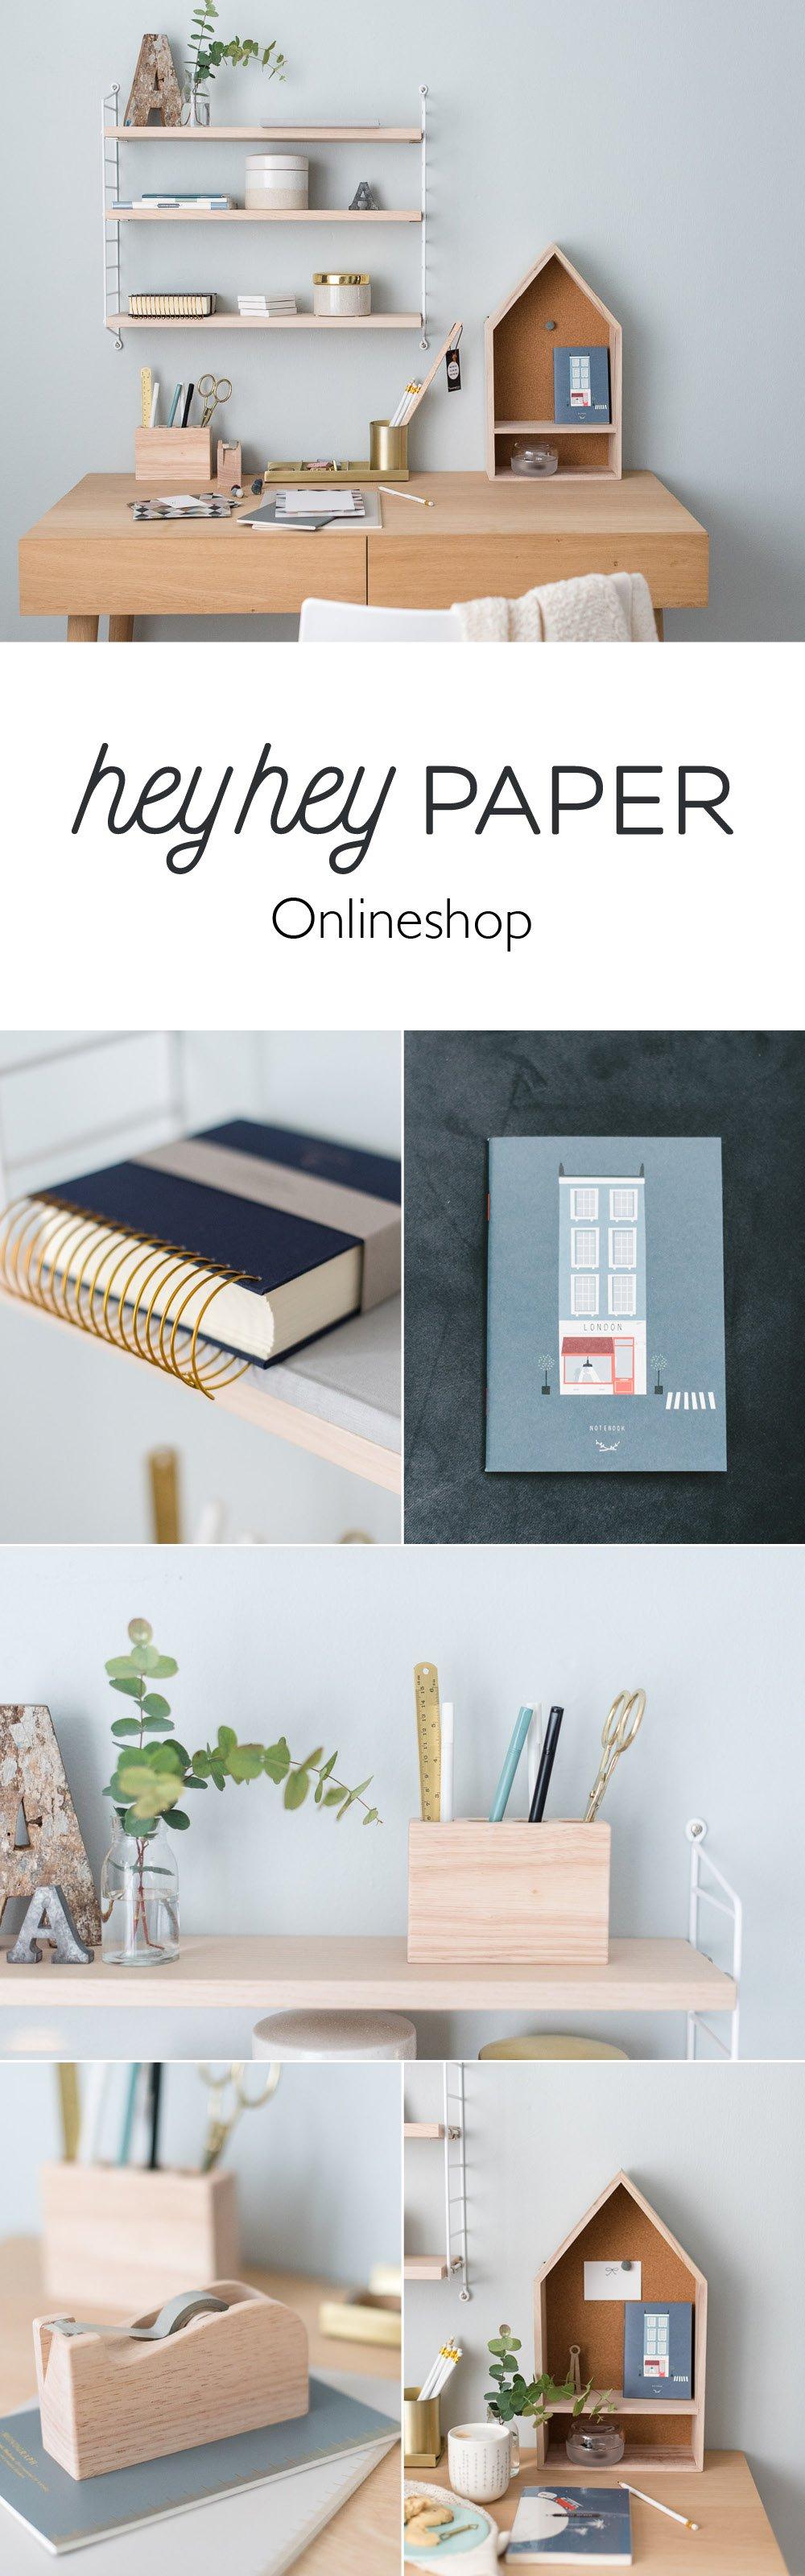 Onlineshop für Notizbücher, Stifte und Bürobedarf